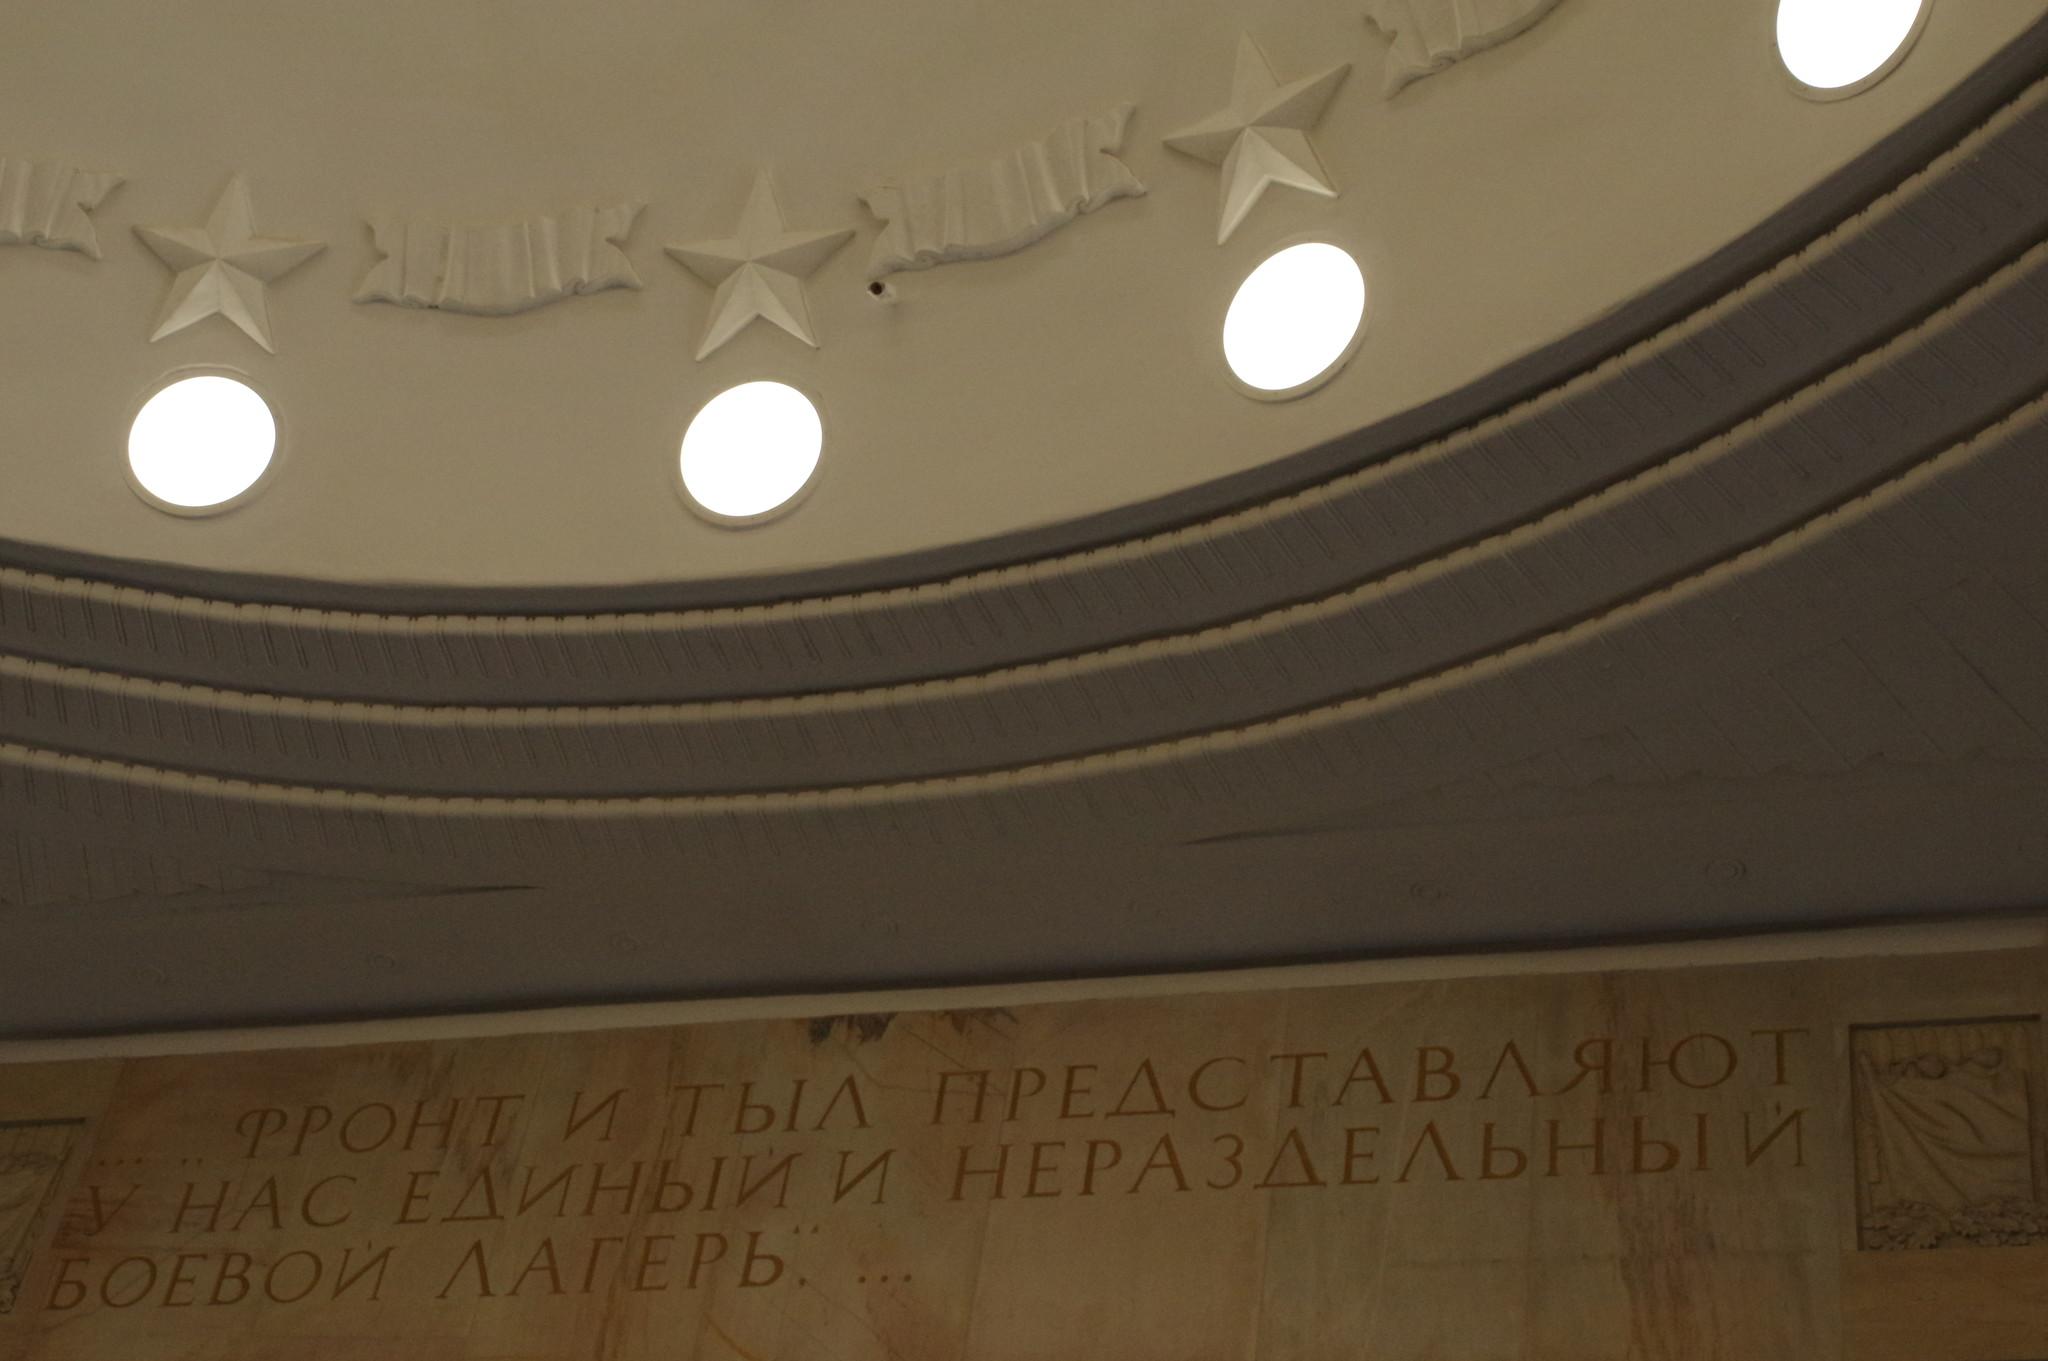 Цитата И.В. Сталина в вестибюле станции «Бауманская» Арбатско-Покровской линии